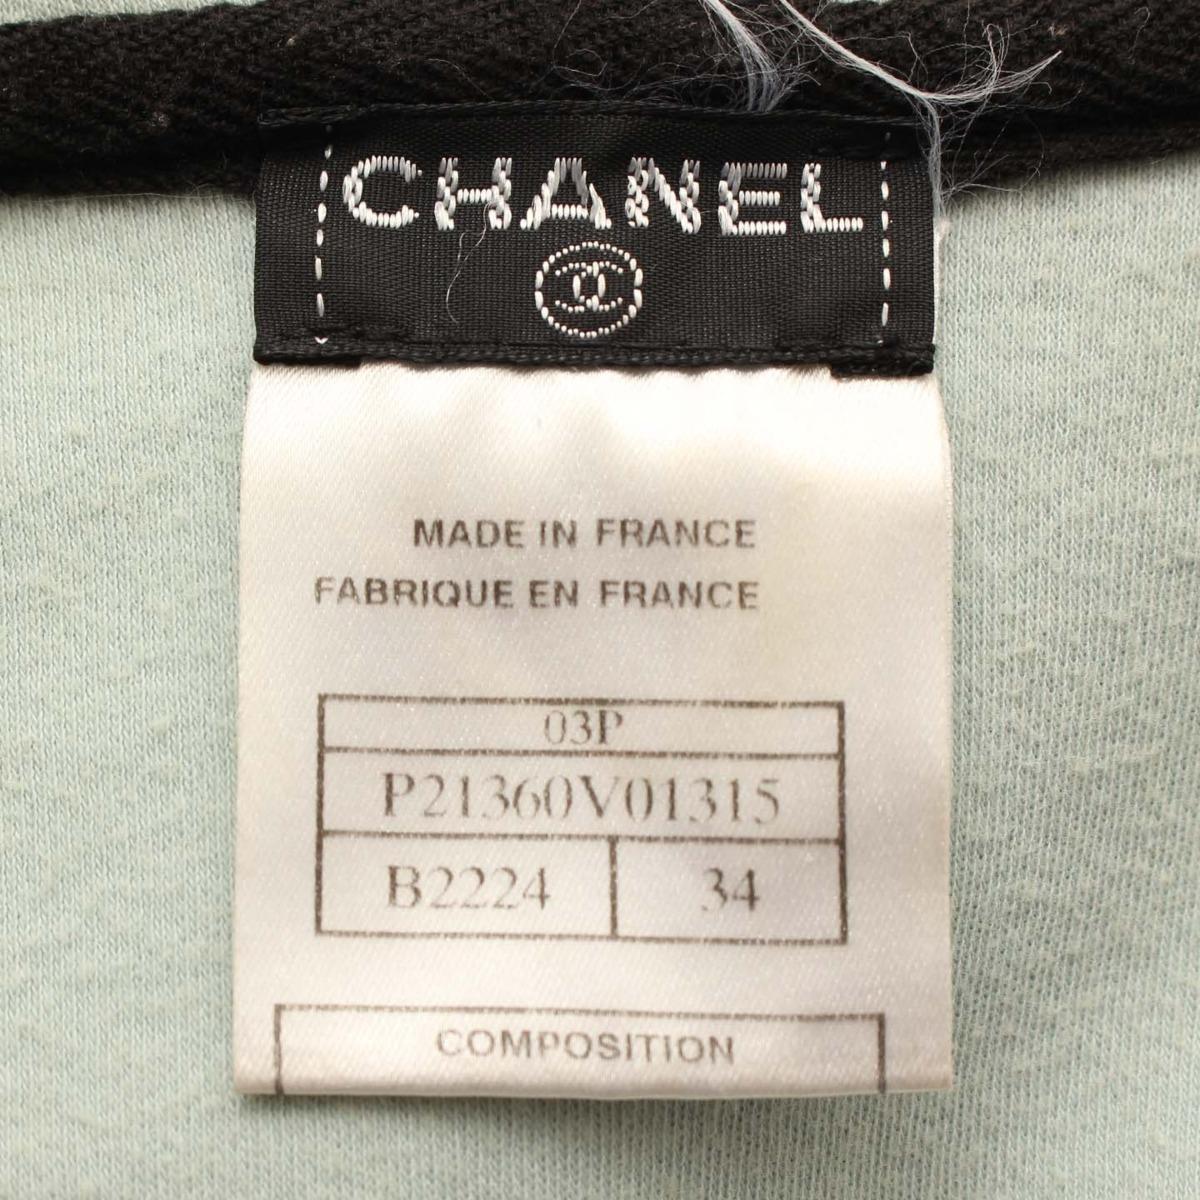 83af63e92235 ... スーパーSALE絶賛開催中】【シャネル】Chanelコットンジップパーカー03Pブラック ...